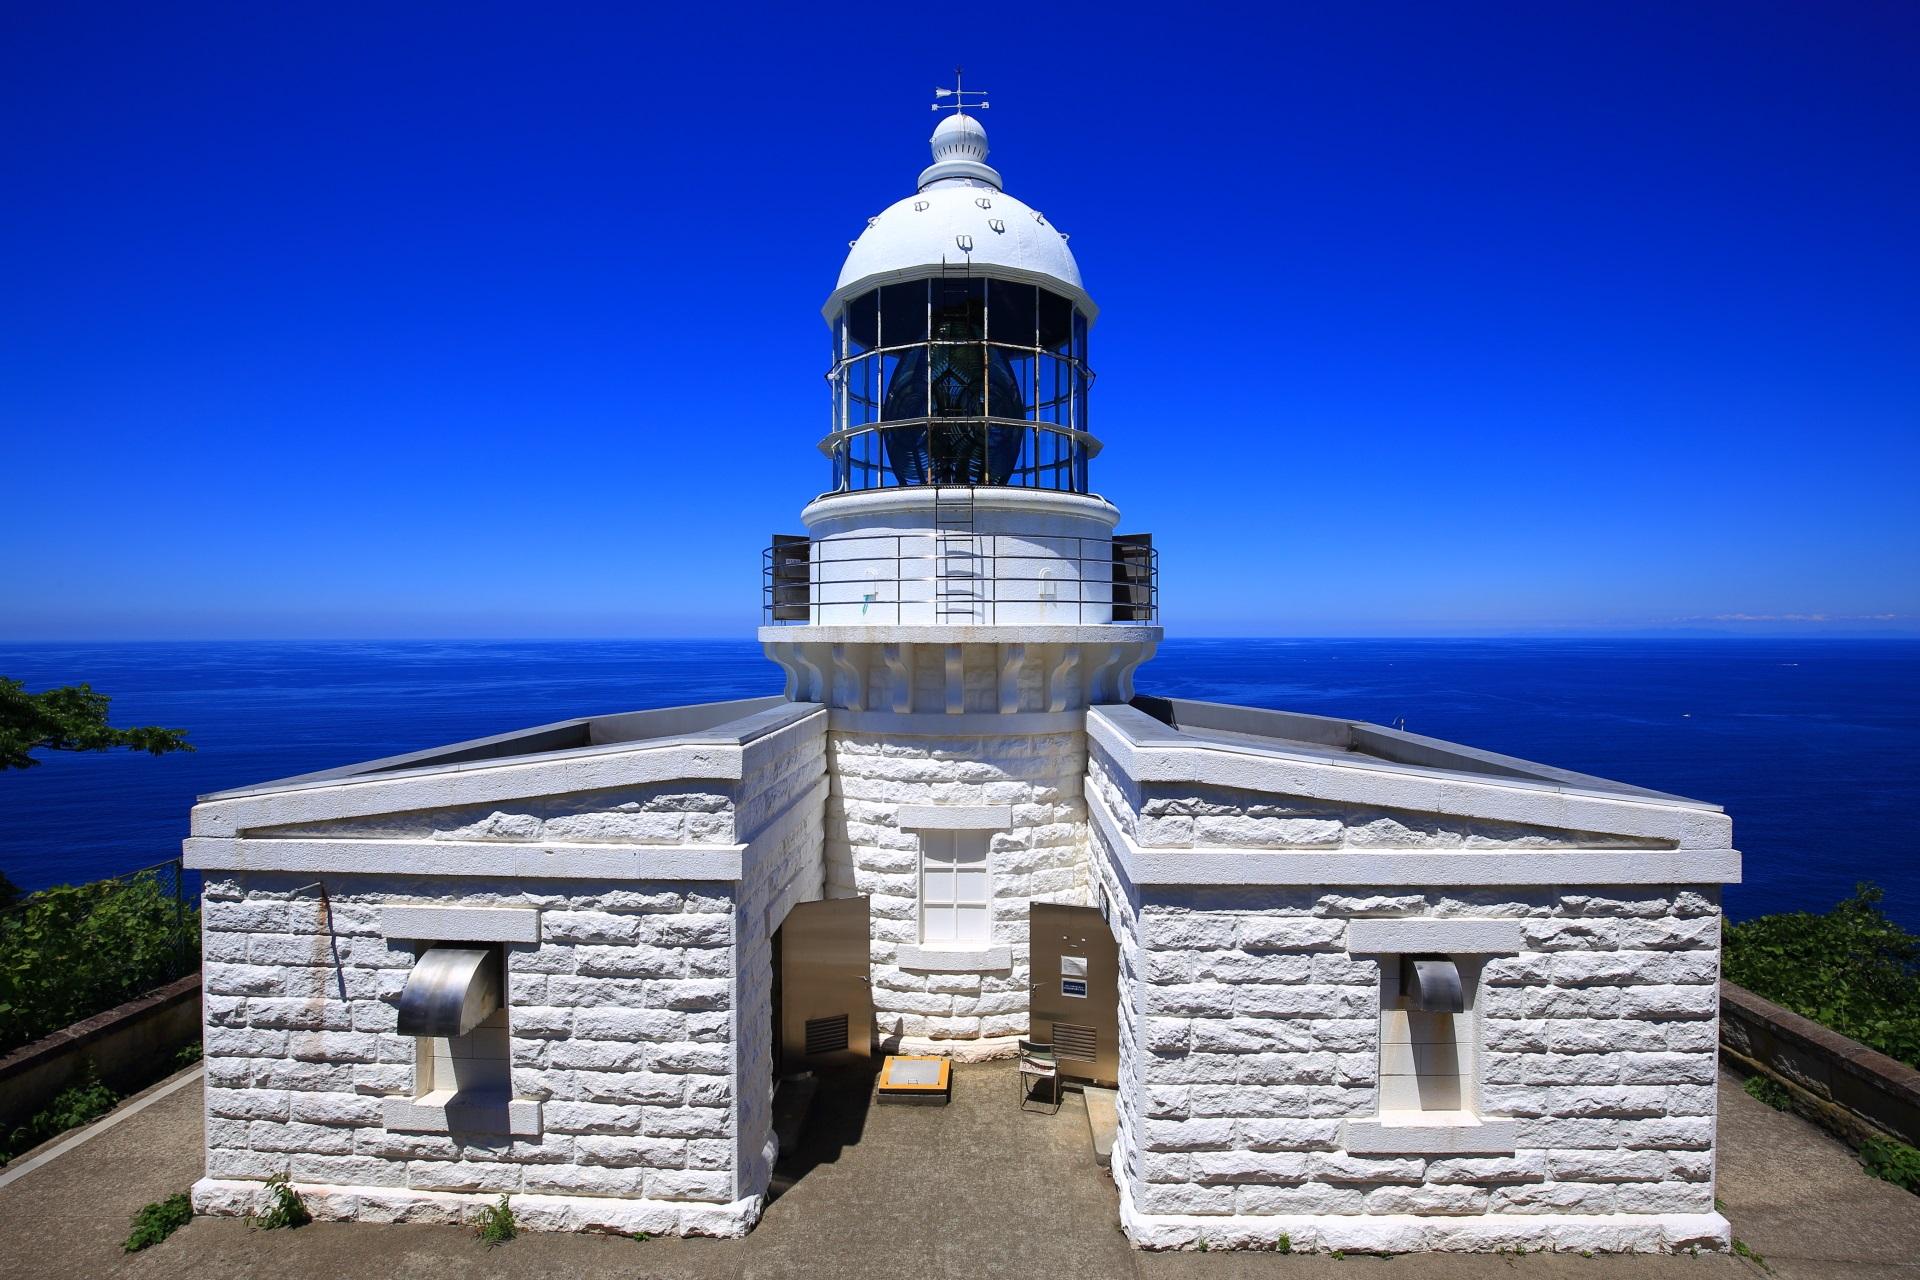 京丹後の白い経ヶ岬灯台と青い海